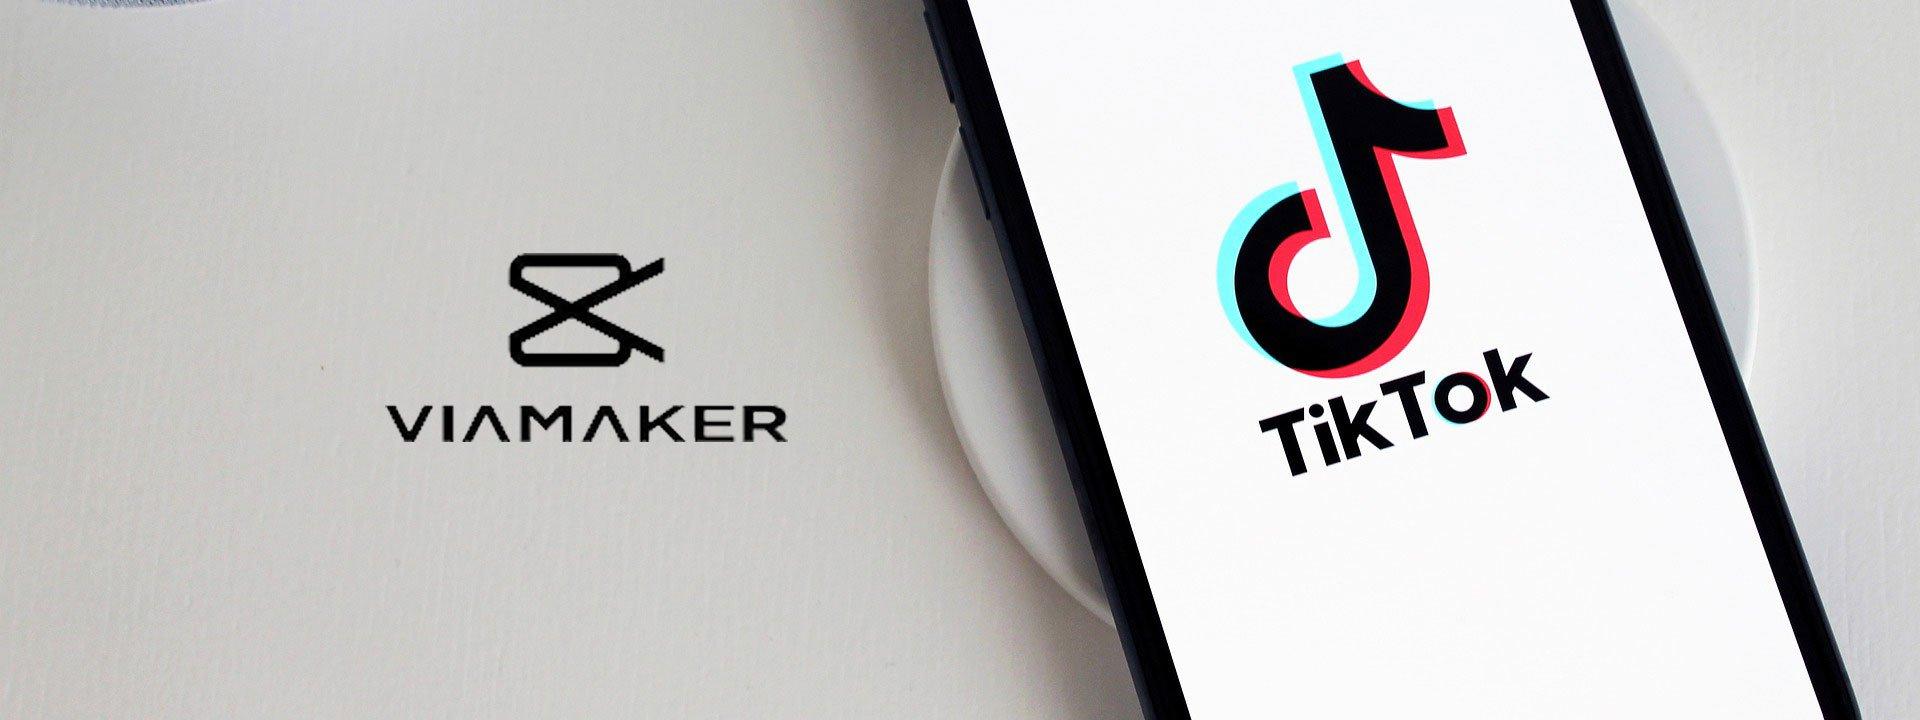 TIKTOK-Viamaker-Use-Guide-Feature